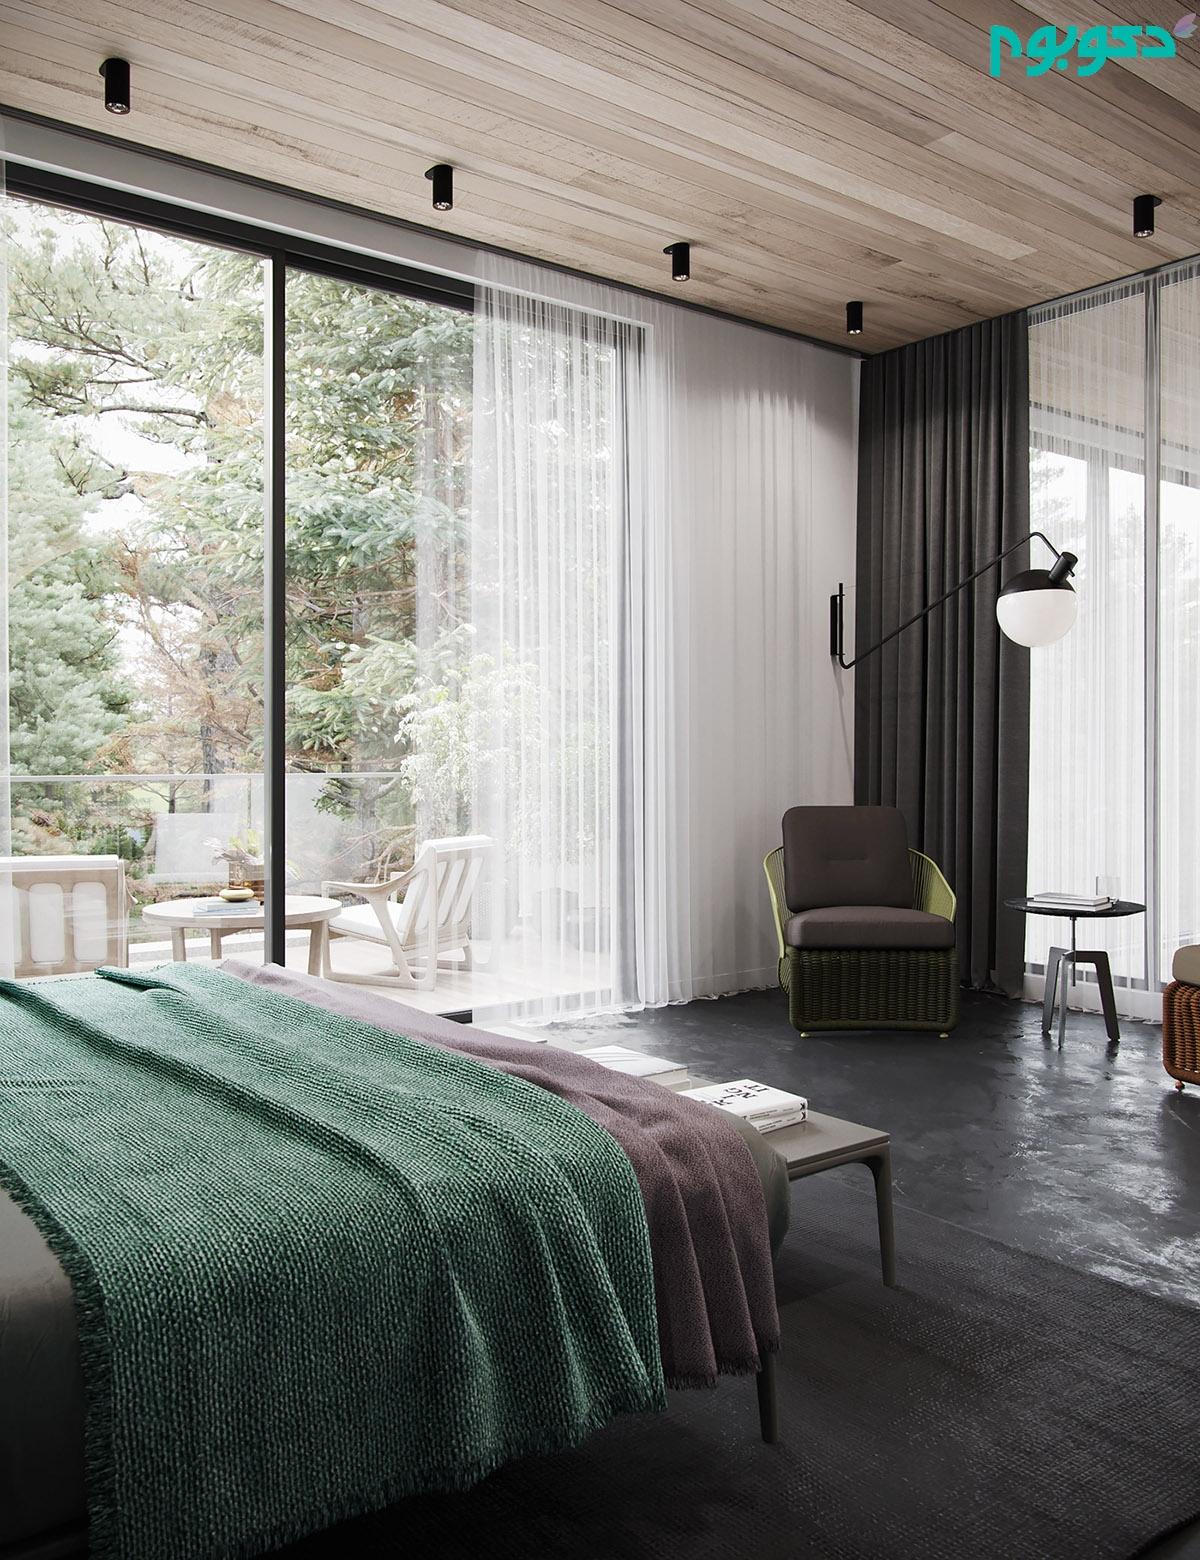 اتاق خواب با پنجره بزرگ